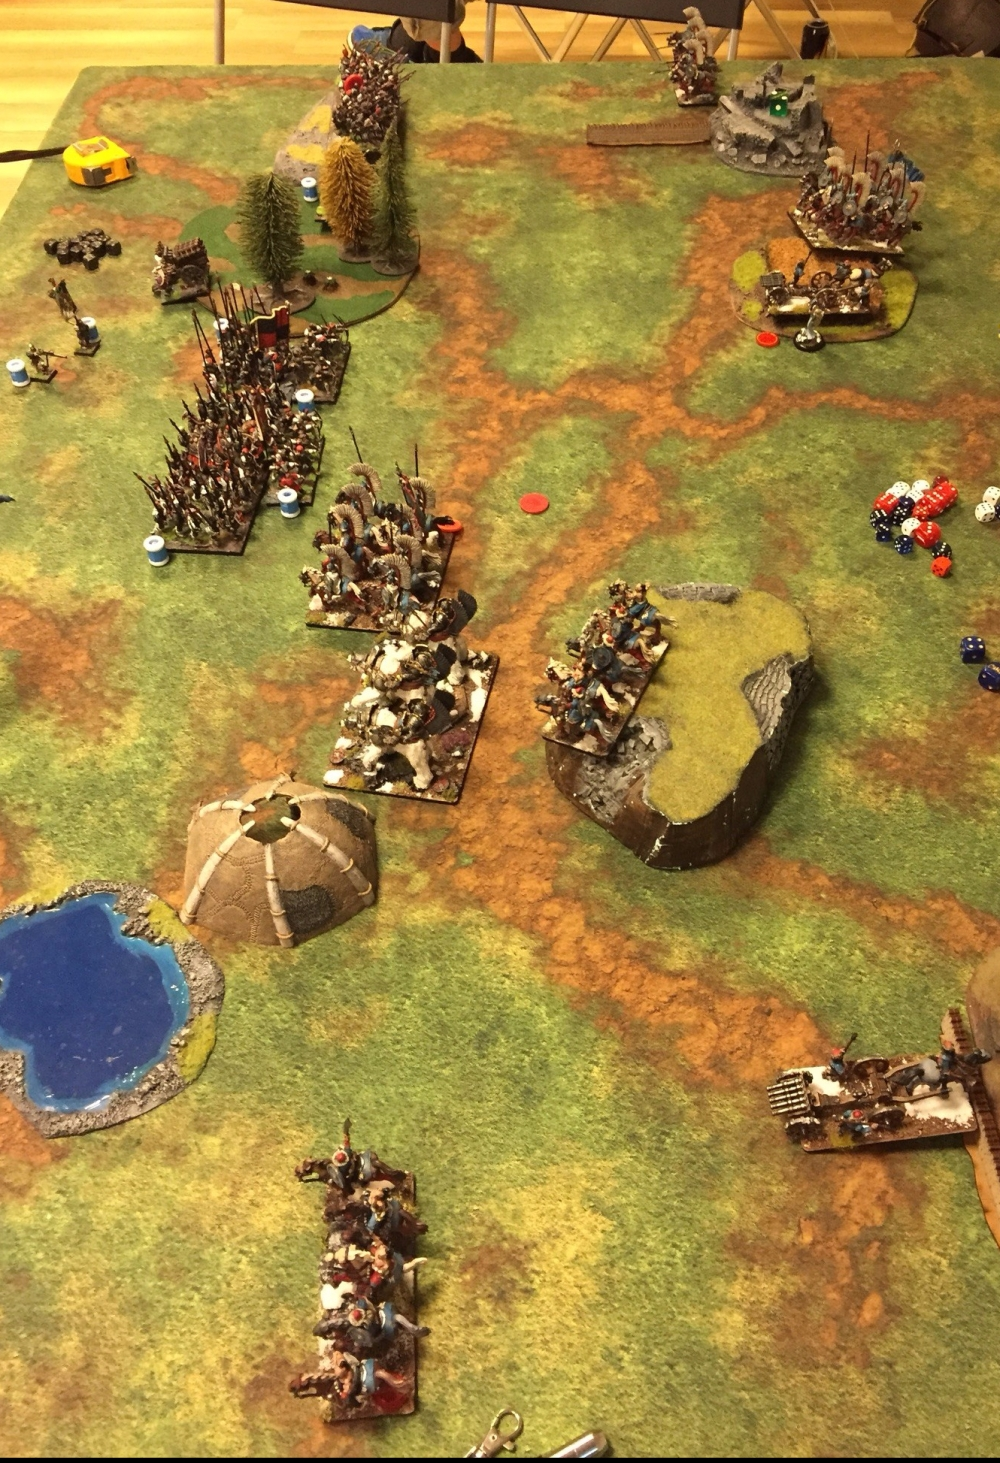 kislev army vs ostland army turn 2